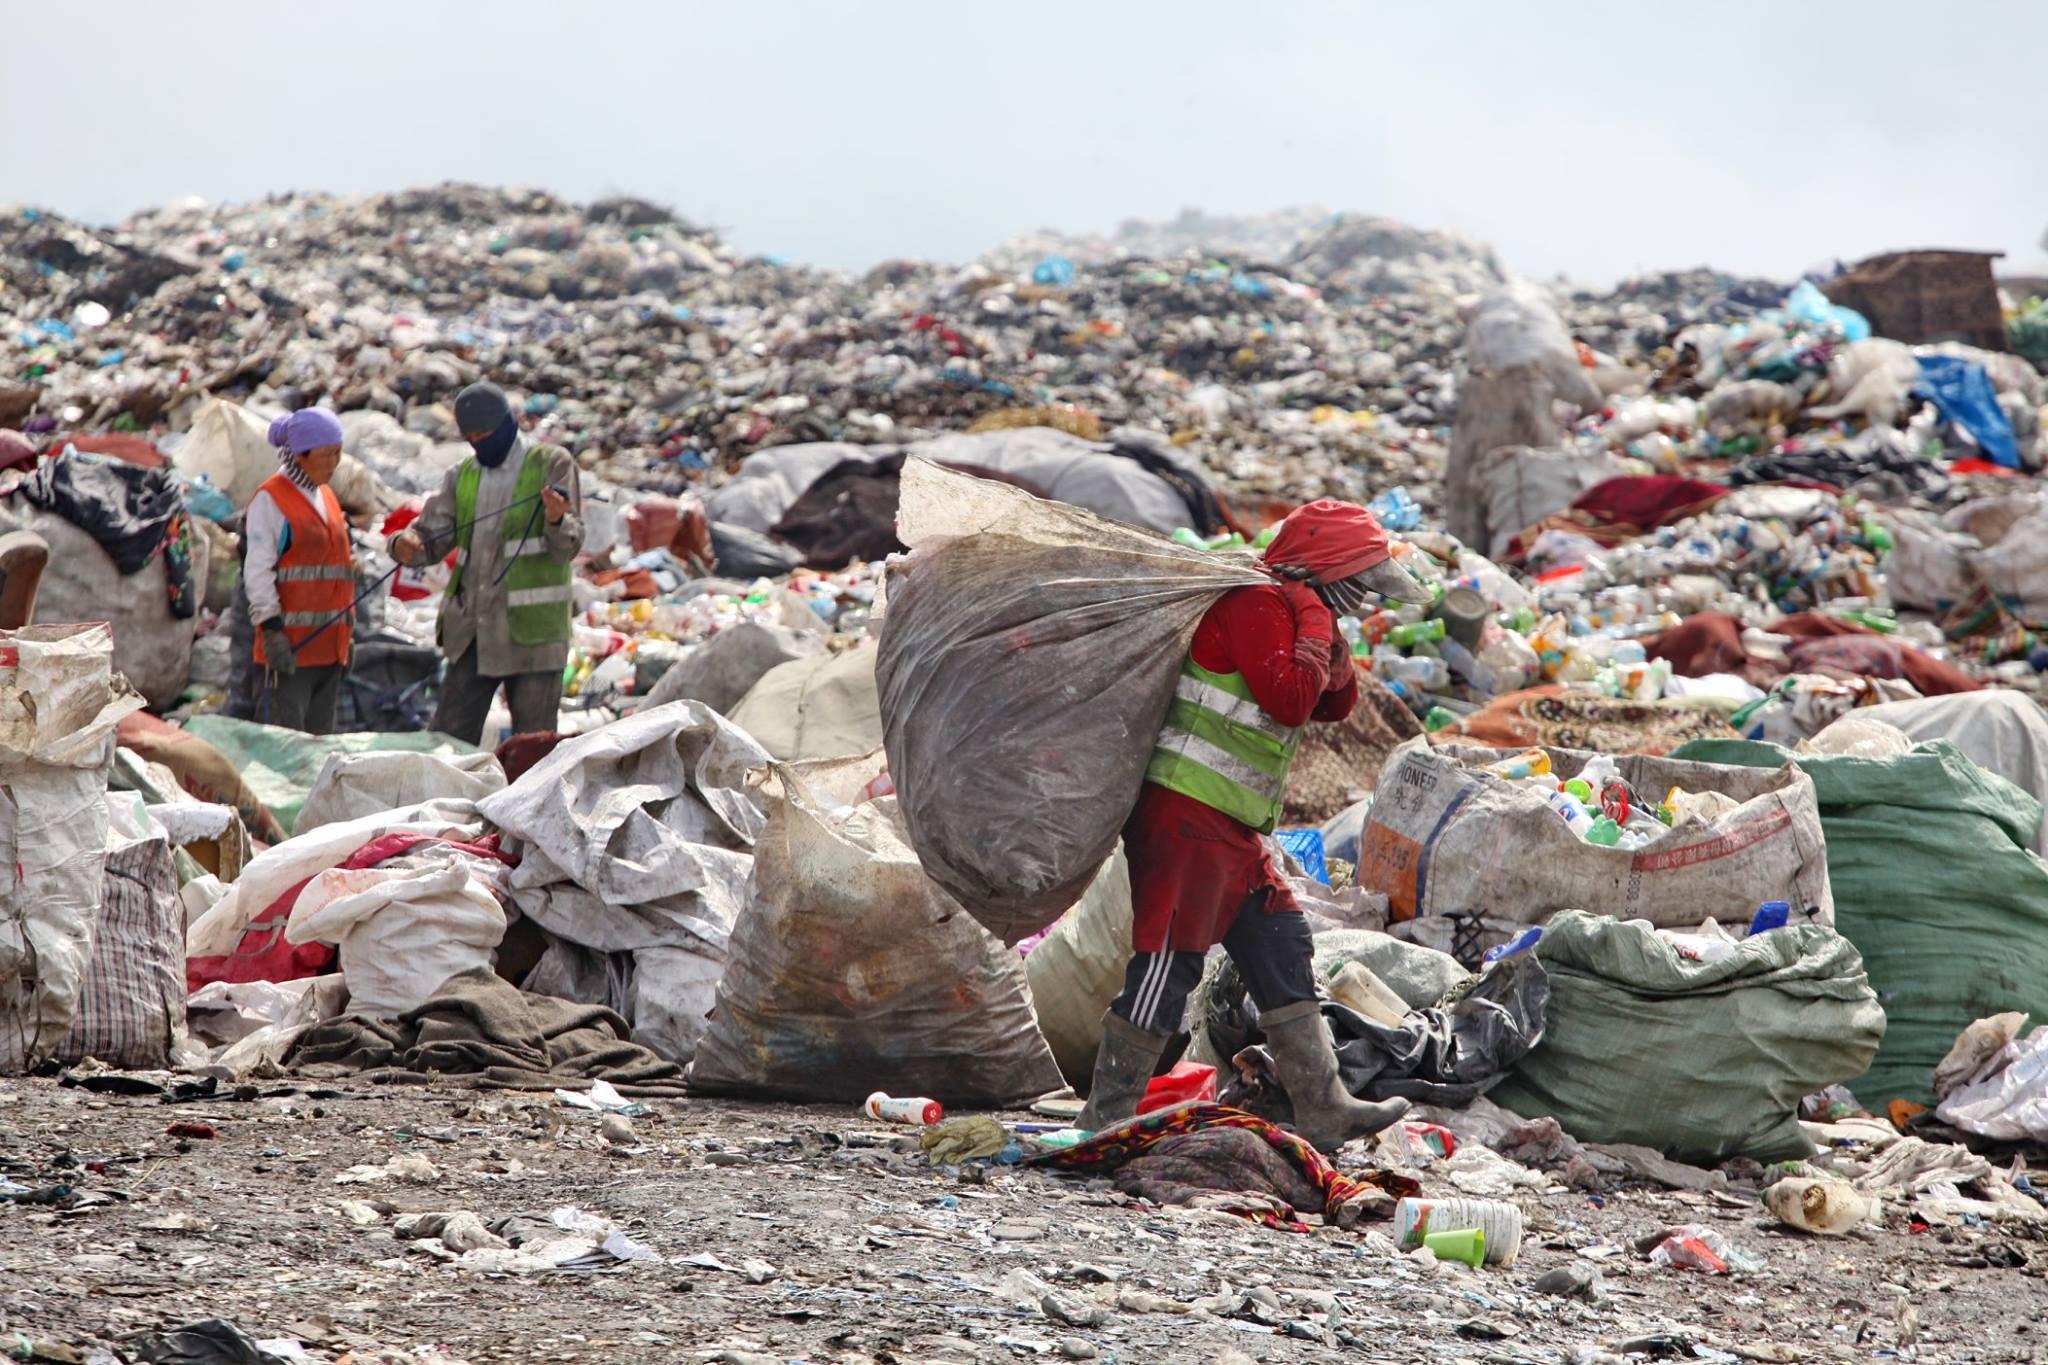 Мусорный полигон Бишкека: как ядовитые отходы превратить в миллионные доходы?